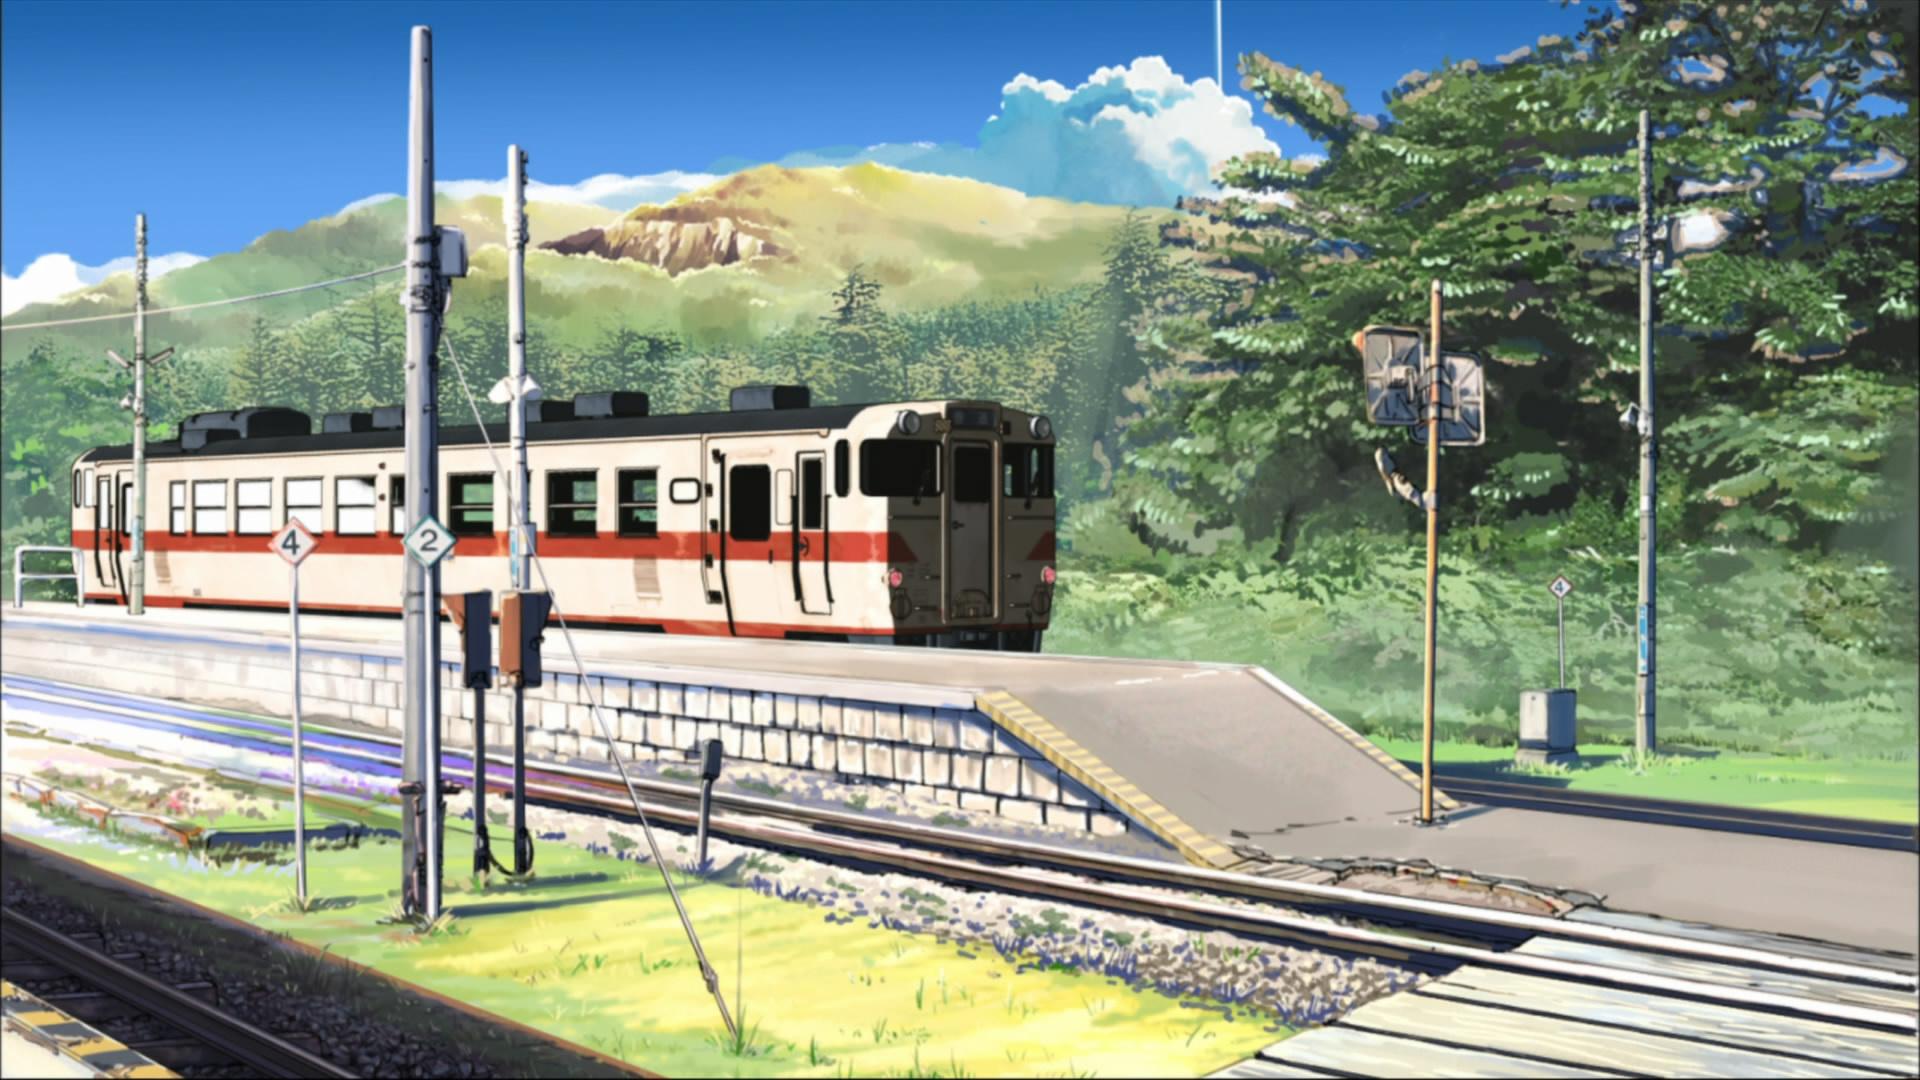 аниме девушка рельсы станция anime girl rails station без смс